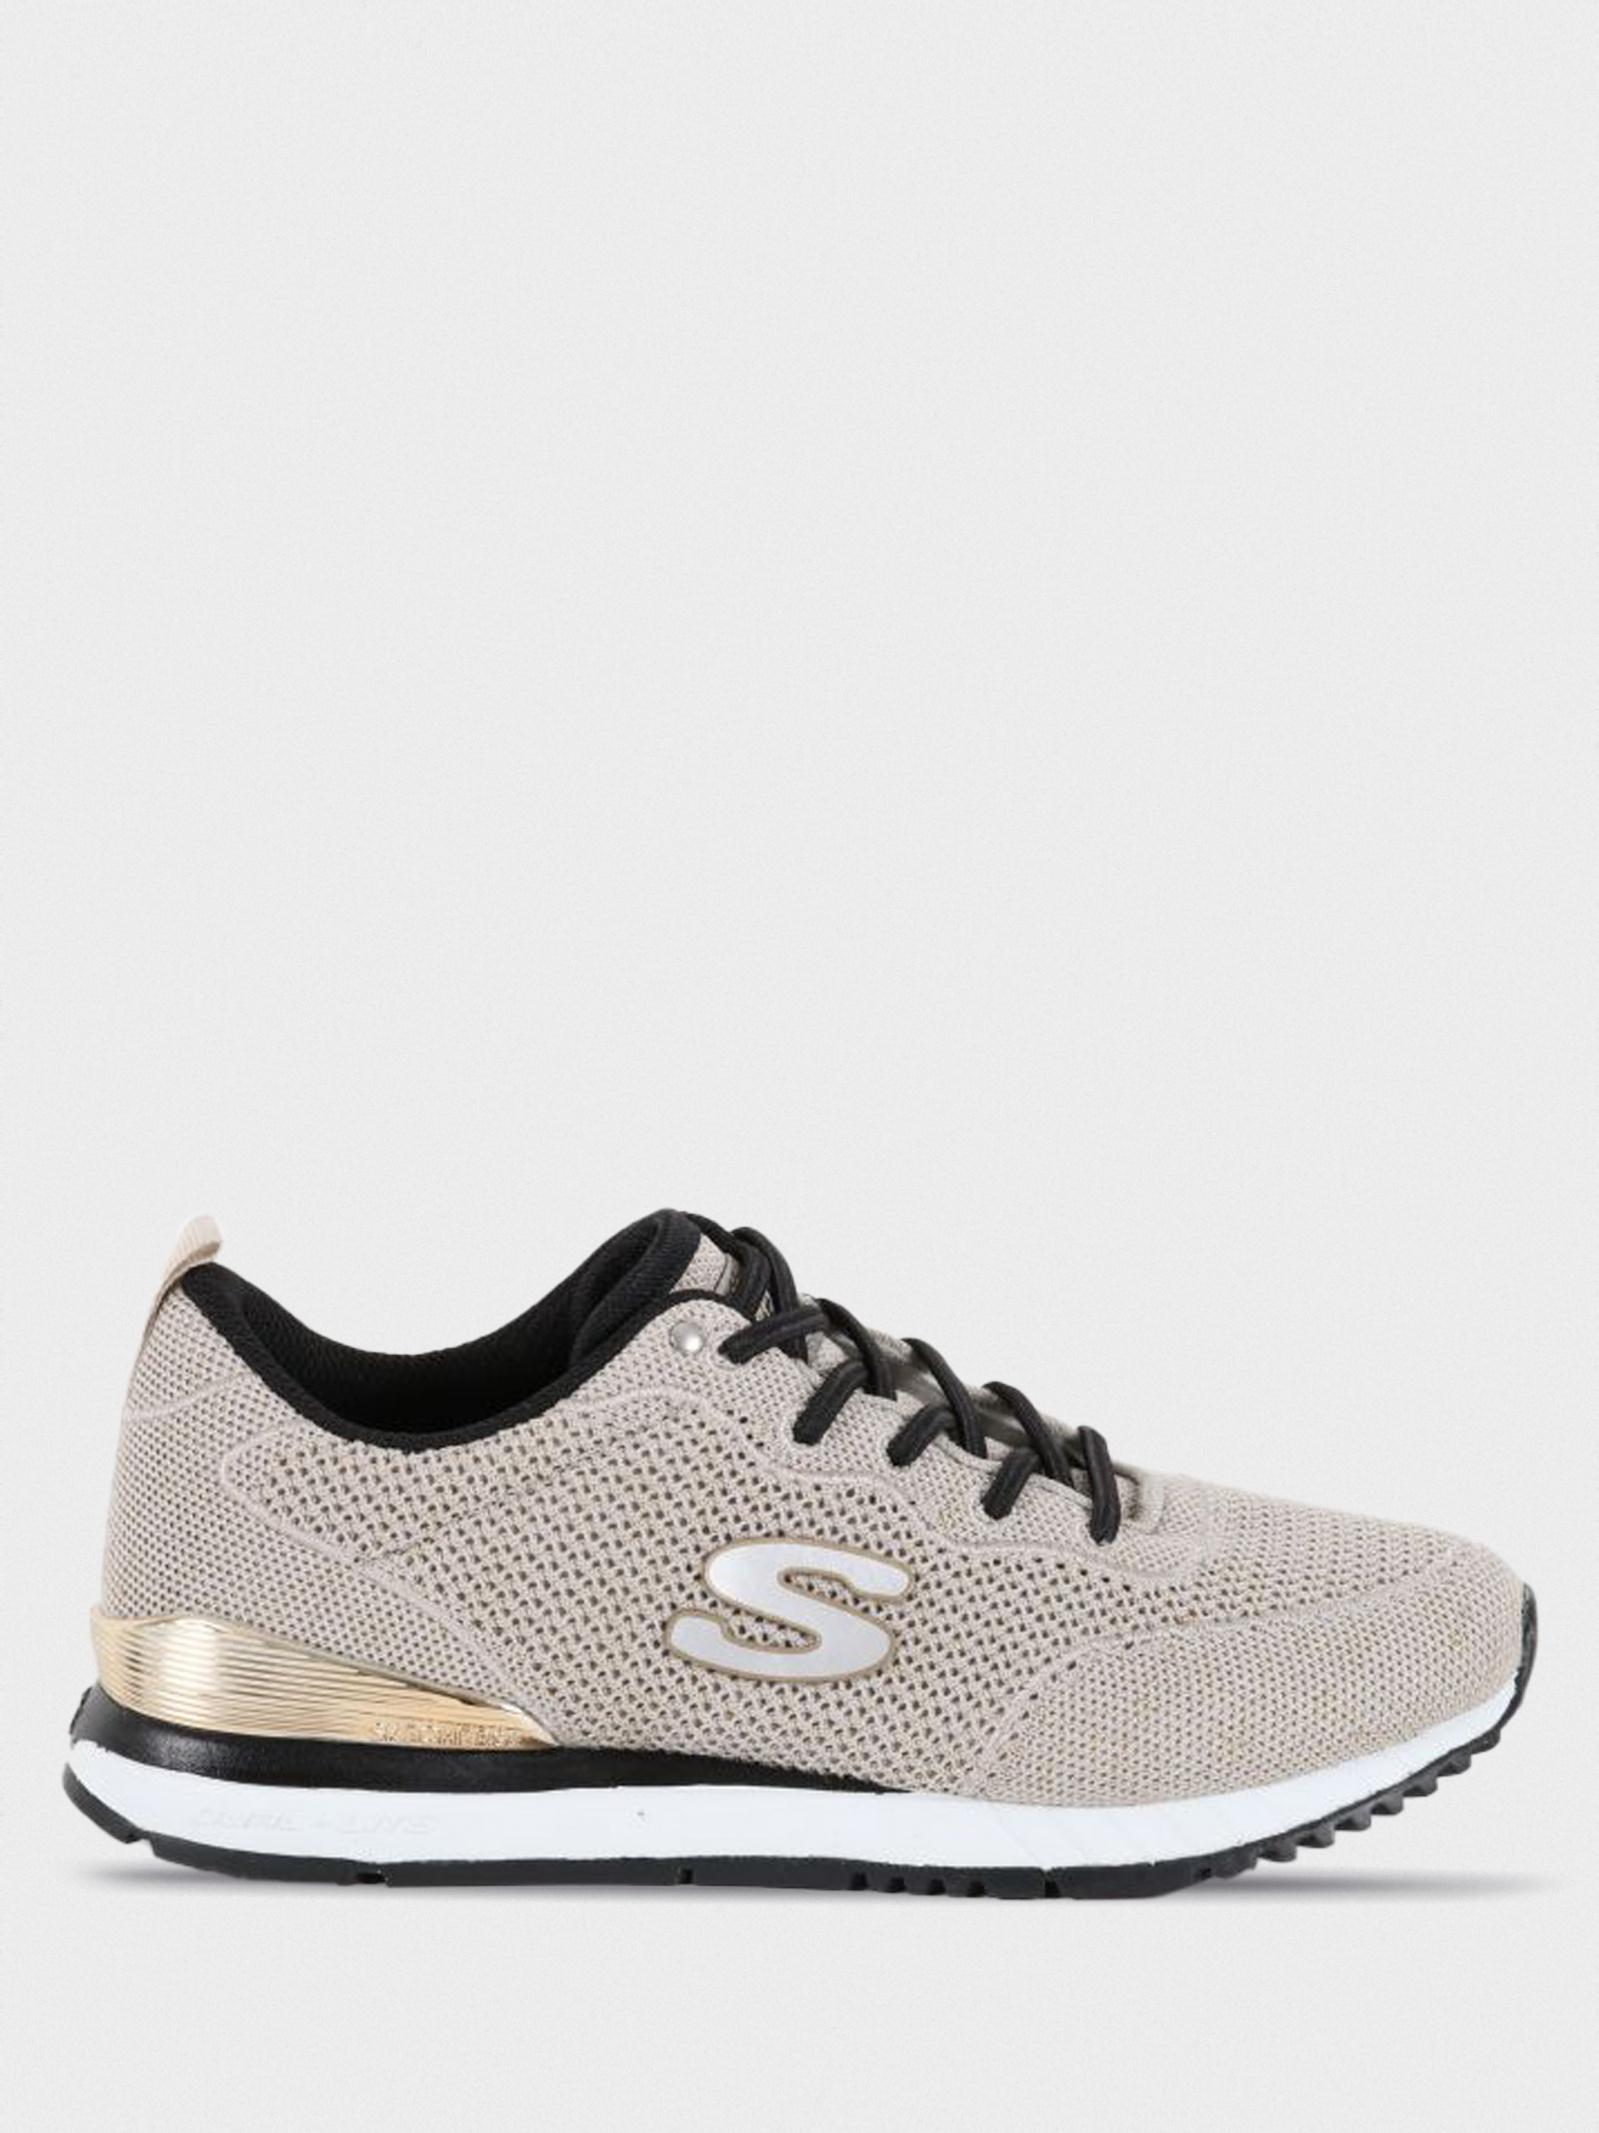 Кроссовки женские Skechers KW5416 размерная сетка обуви, 2017